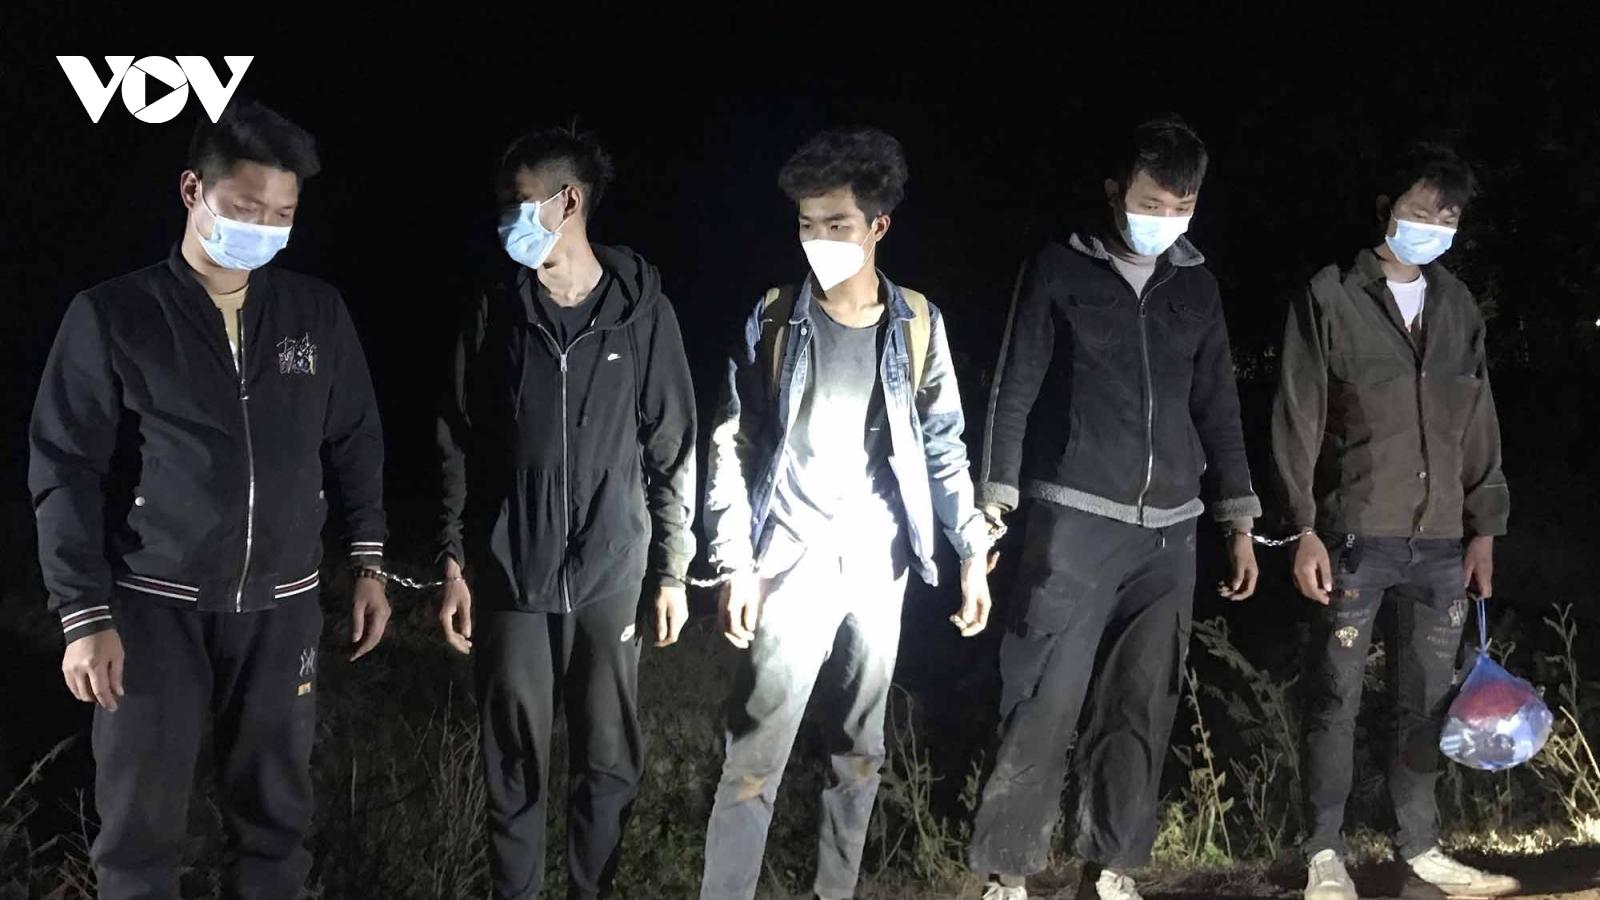 Long An bắt giữ, đưa cách ly 5 người Trung Quốc vượt biên trái phép